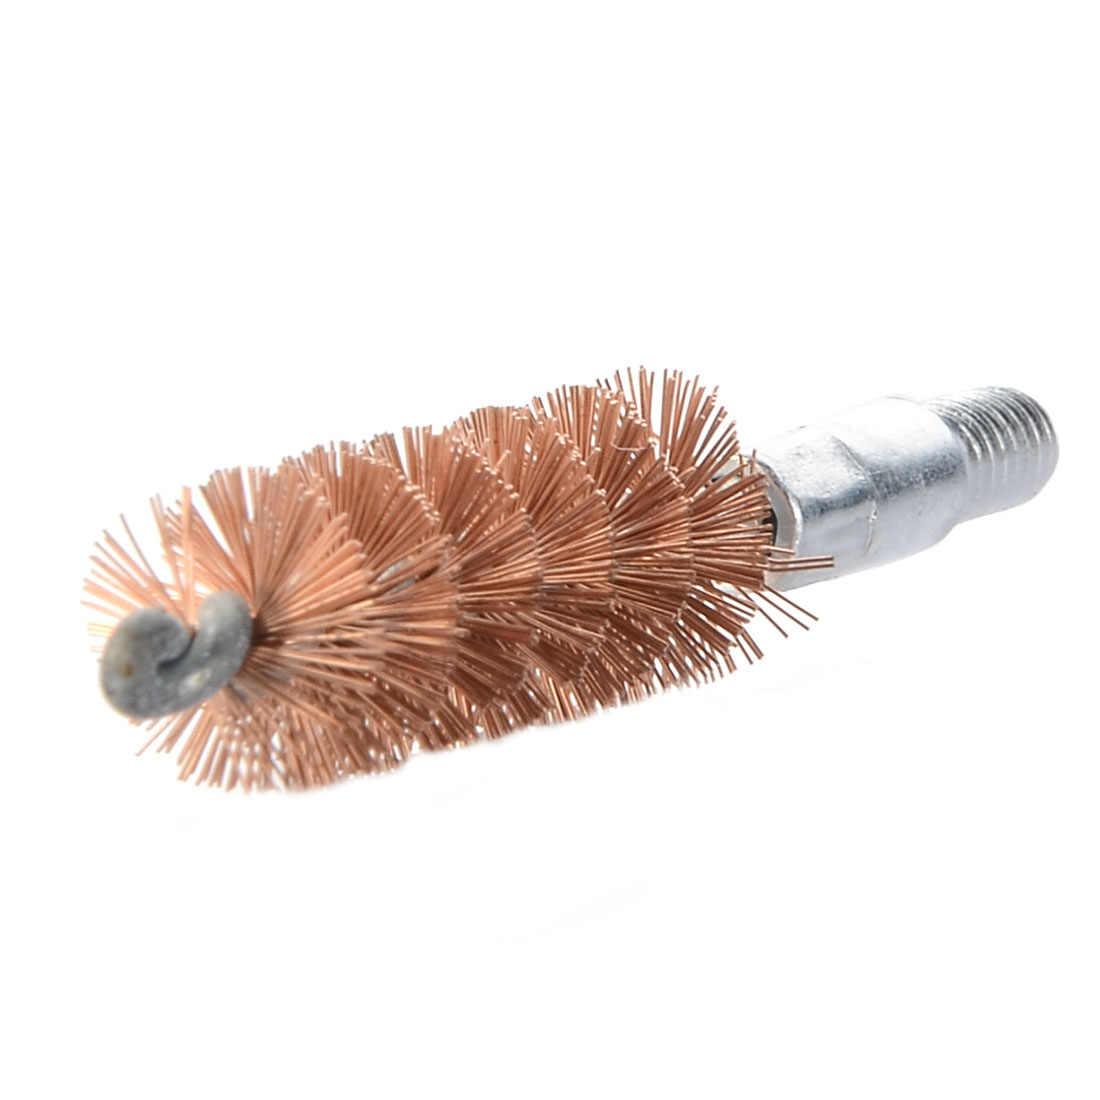 9mm מברשת ניקוי חוט מברשת נקי מברשת זרחן ברונזה נשא מברשות ציוד ציד חדש Dropshipping